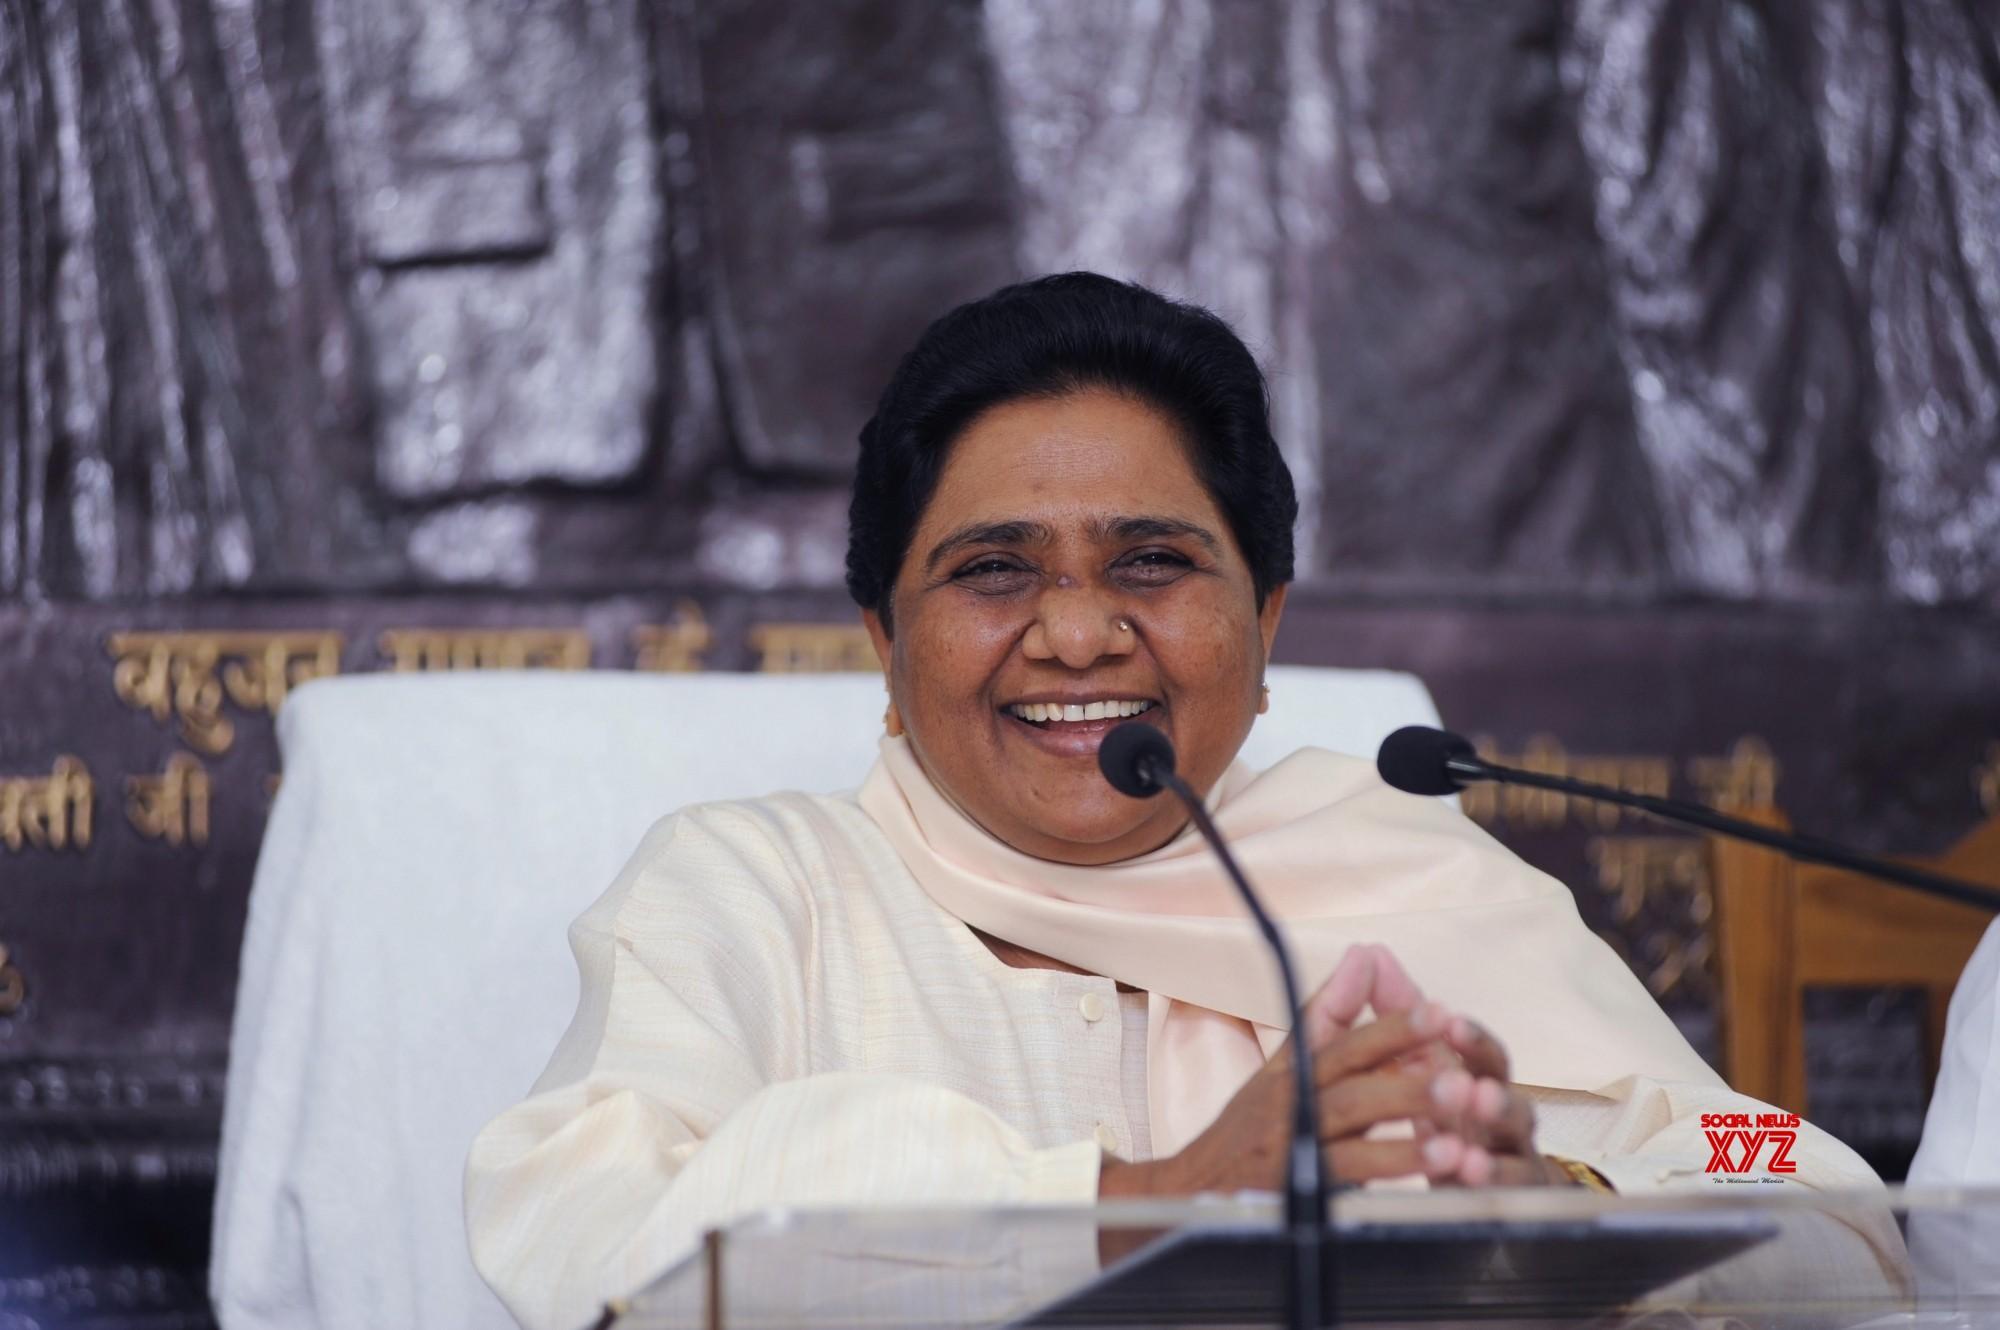 No lavish birthday for Mayawati this year